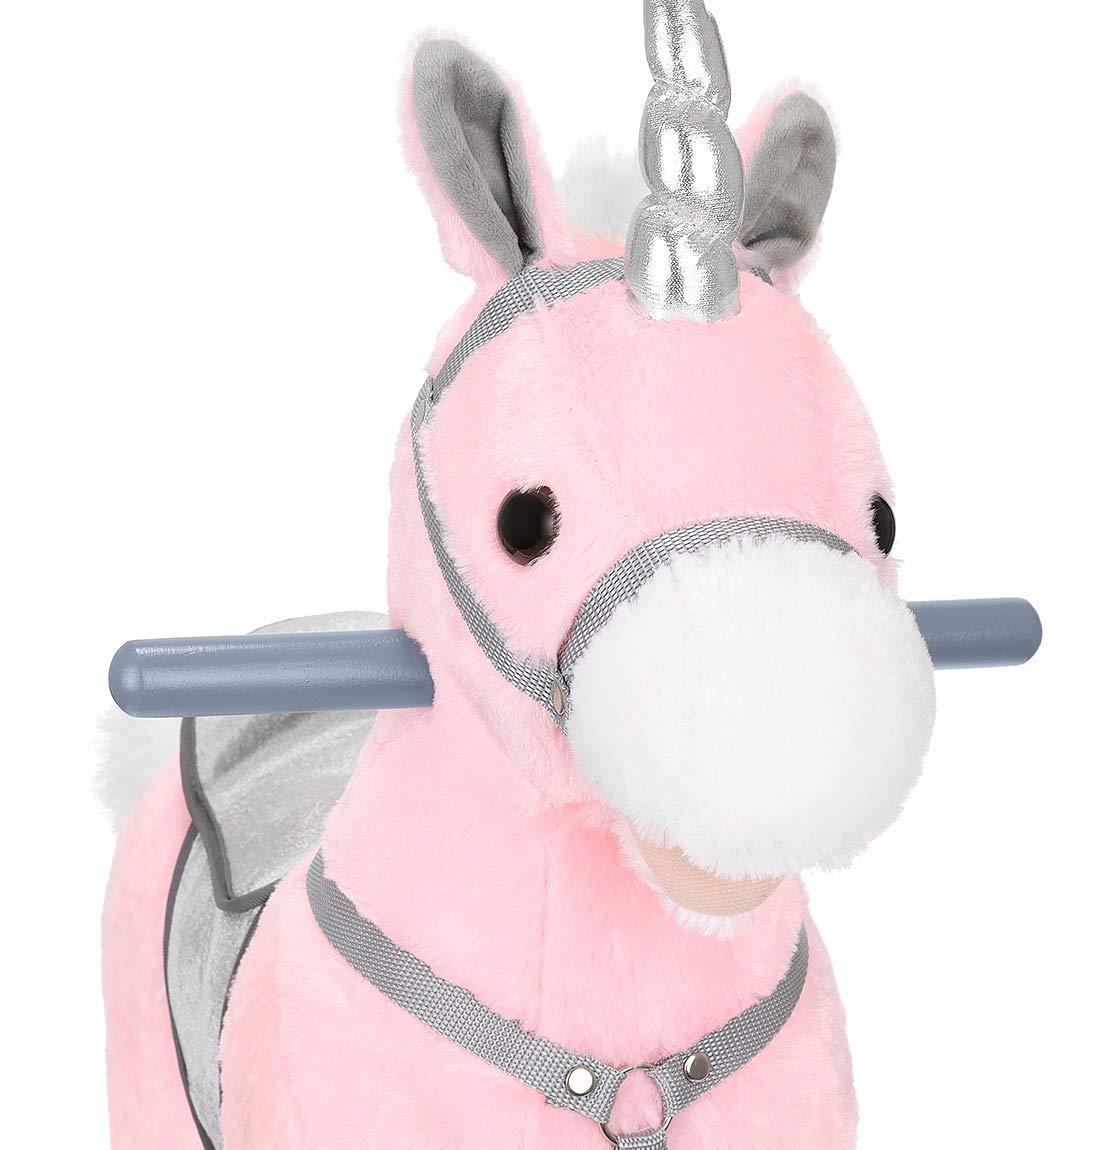 KRUZZEL Schaukelpferd Schaukelspielzeug kuschelweich mit Soundeffekten Farbwahl 9329 Farbe:Rosa-Silber